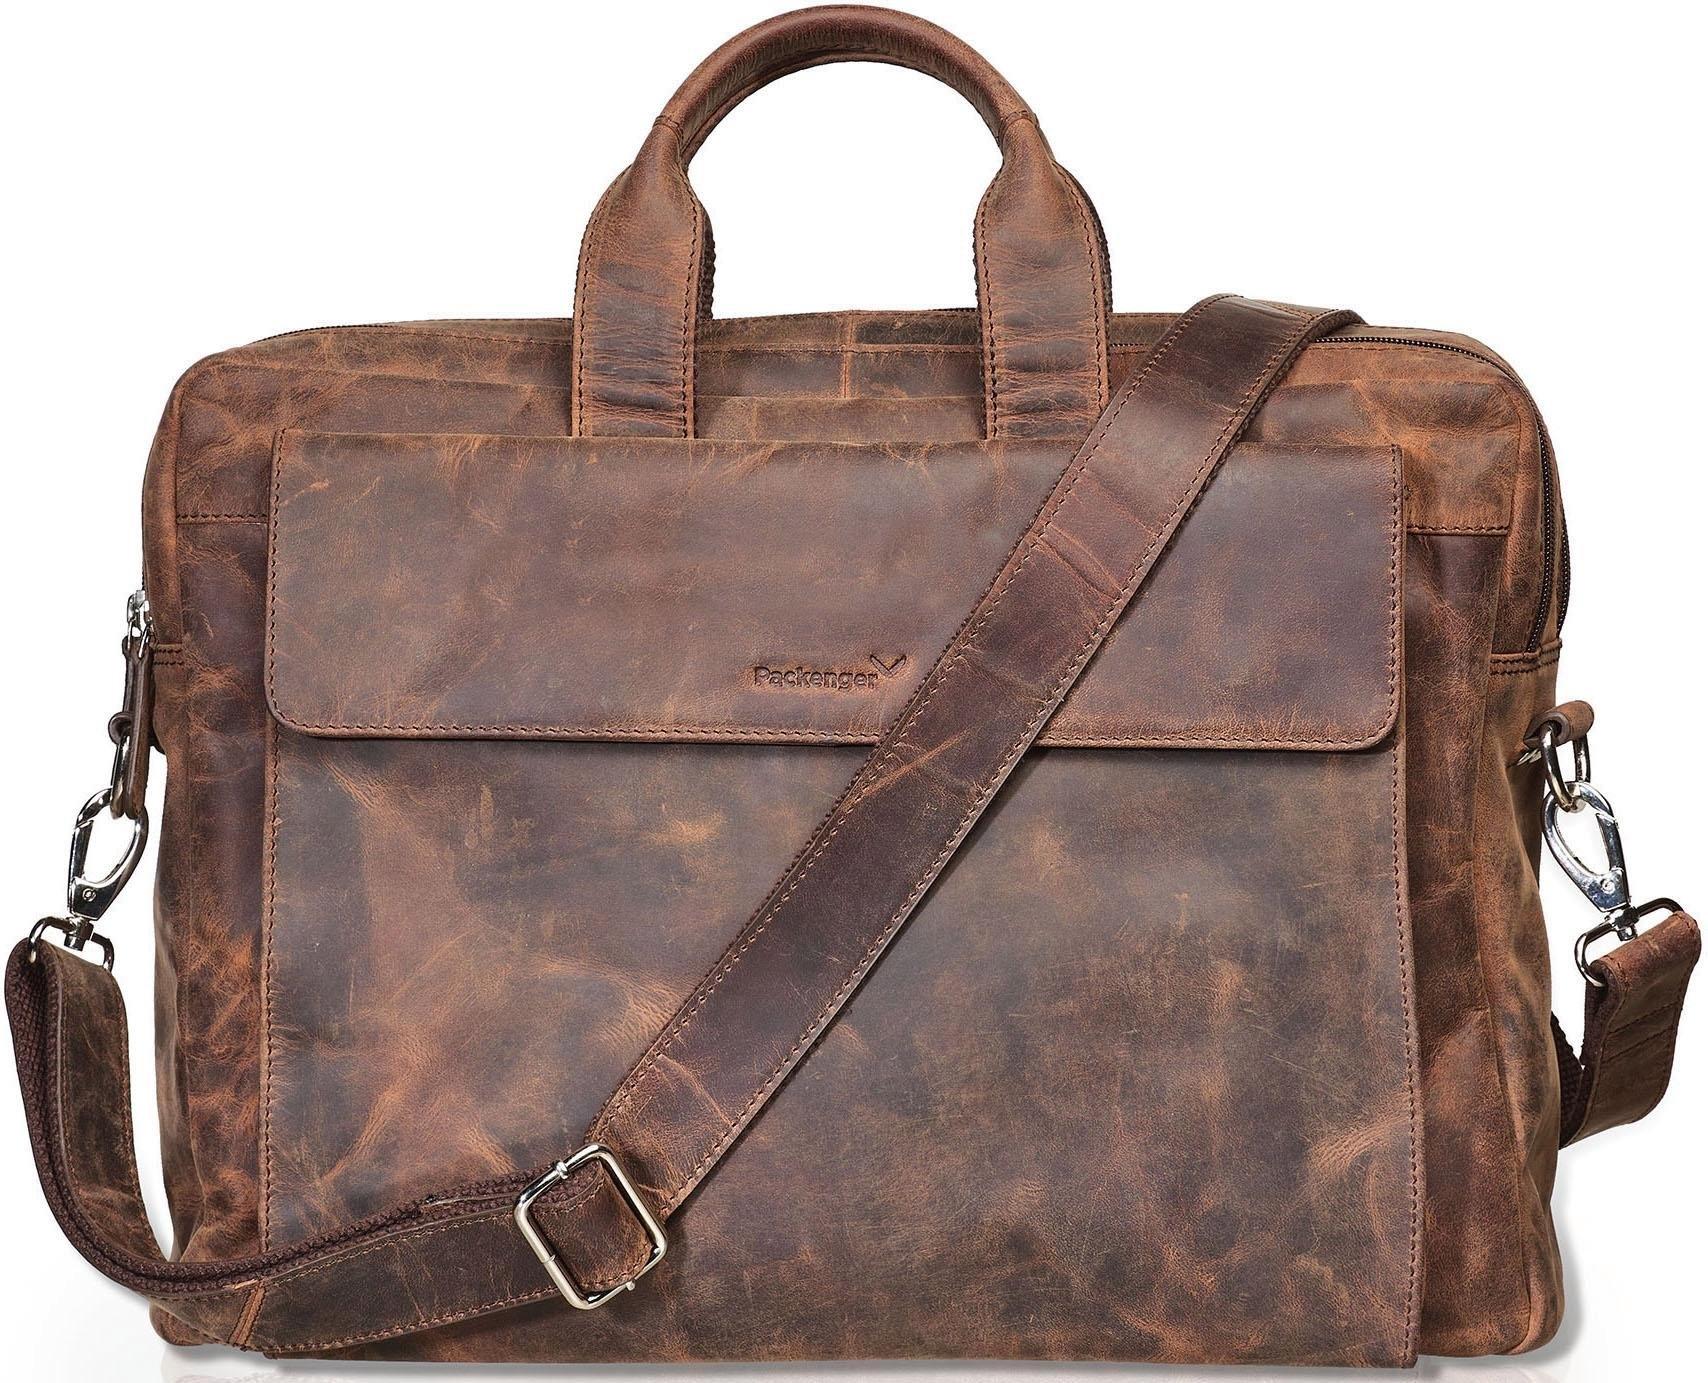 Packenger schoudertas met laptopvak voor laptop van 15 inch, »Odin, vintage braun« voordelig en veilig online kopen